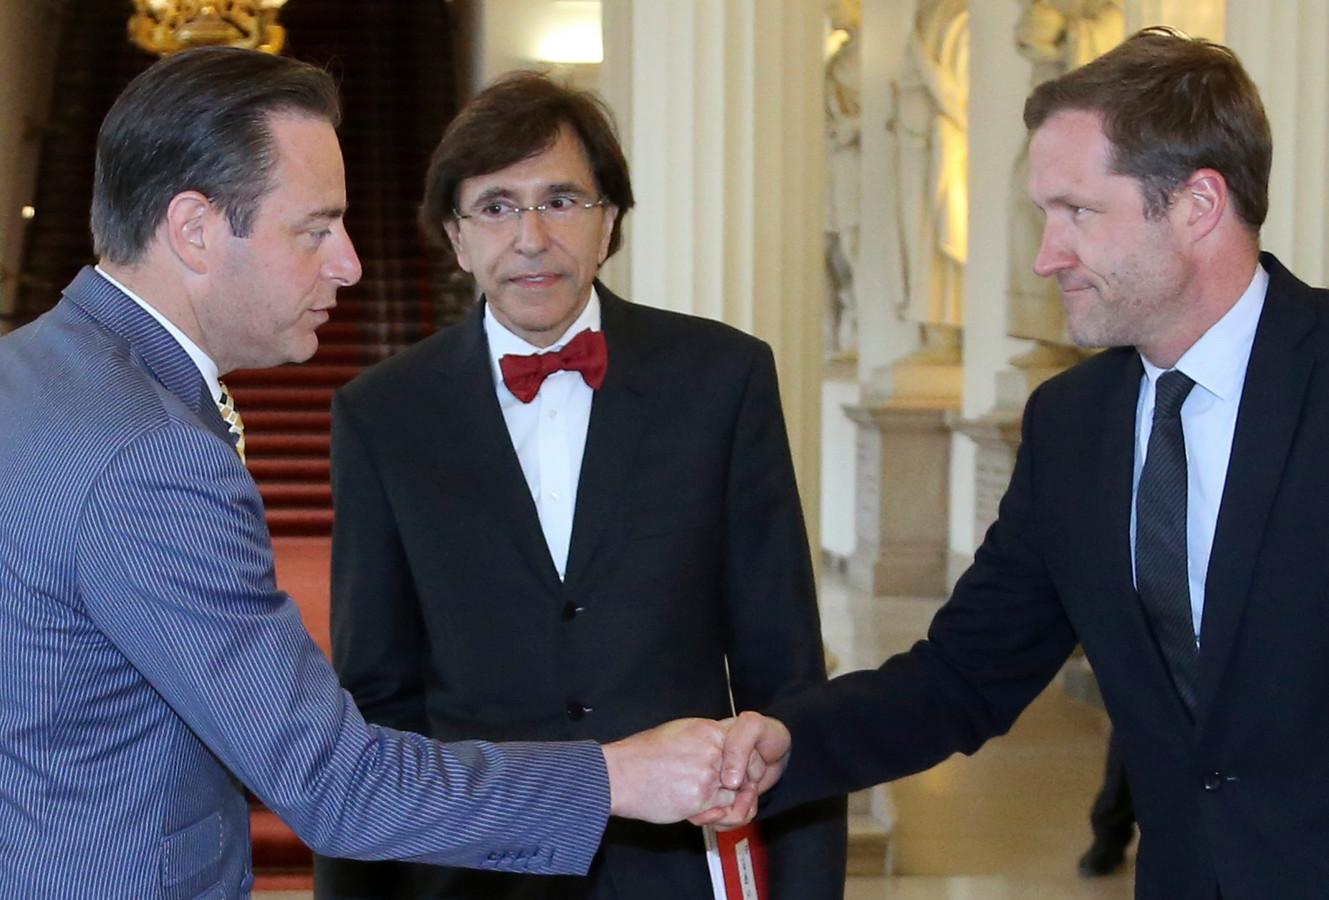 Bart De Wever, Elio Di Rupo et Paul Magnette en 2014.